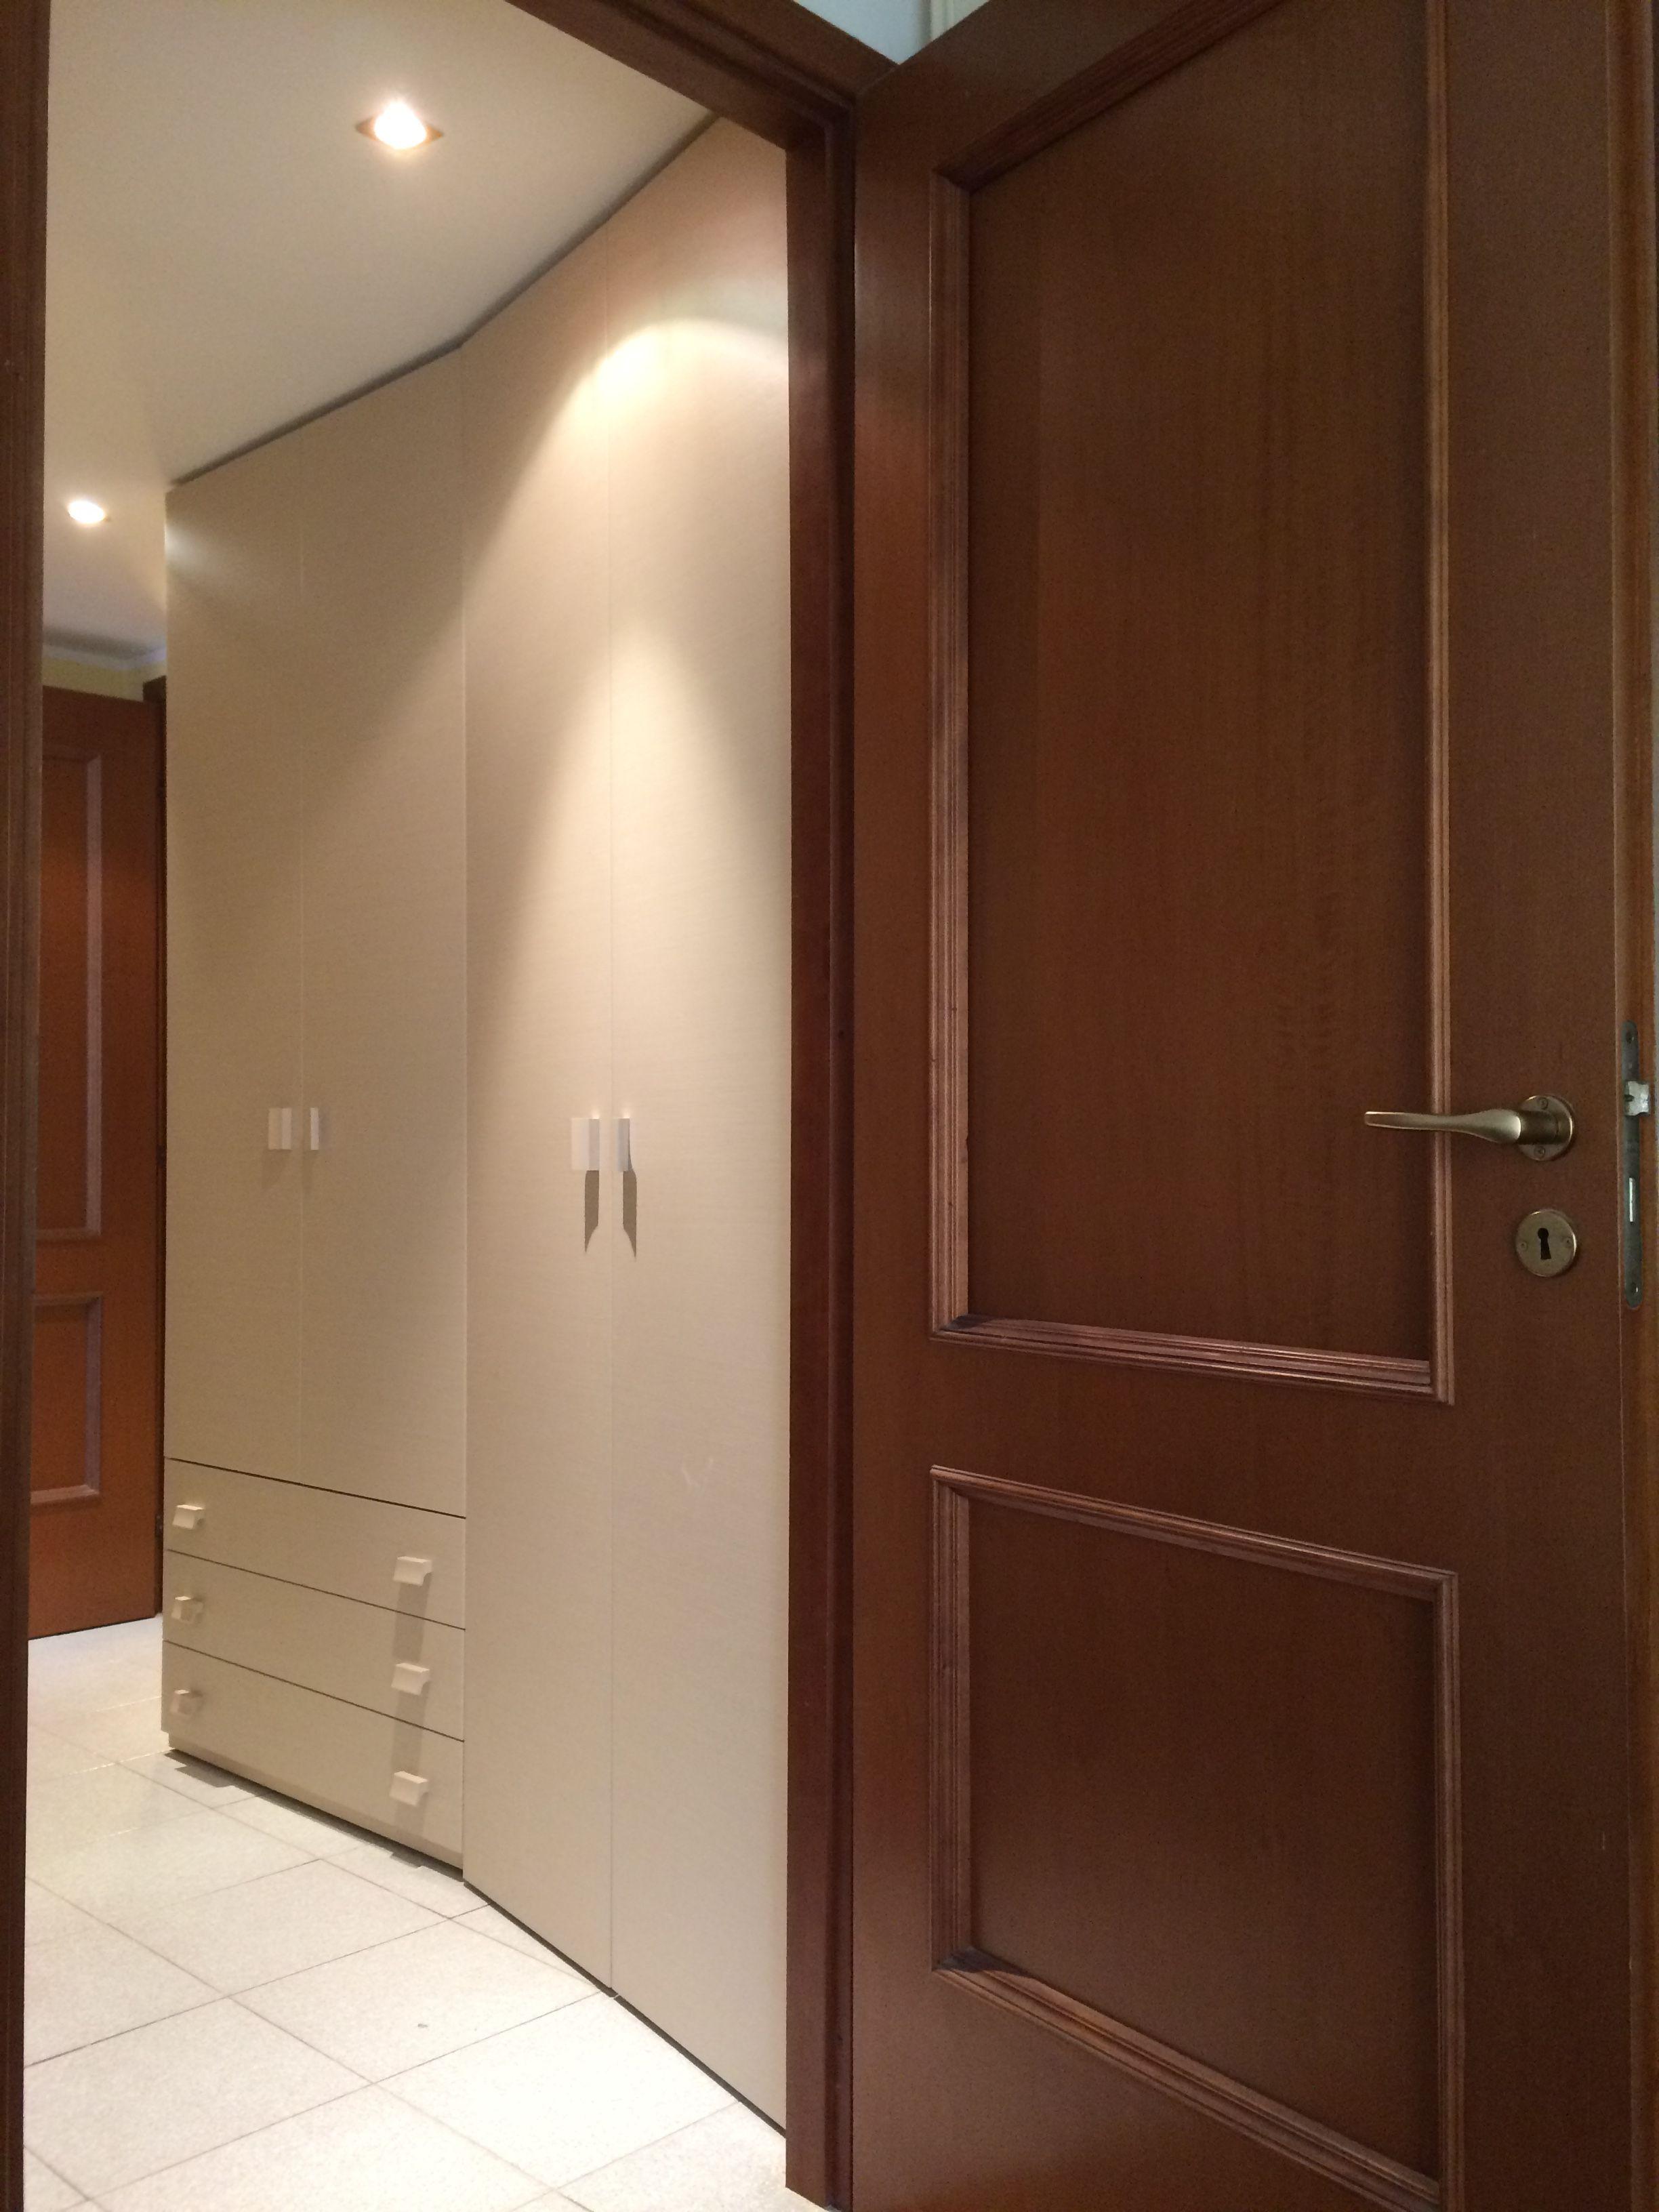 Un armadio per un ingresso, per contenere le varie cose utili per la ...